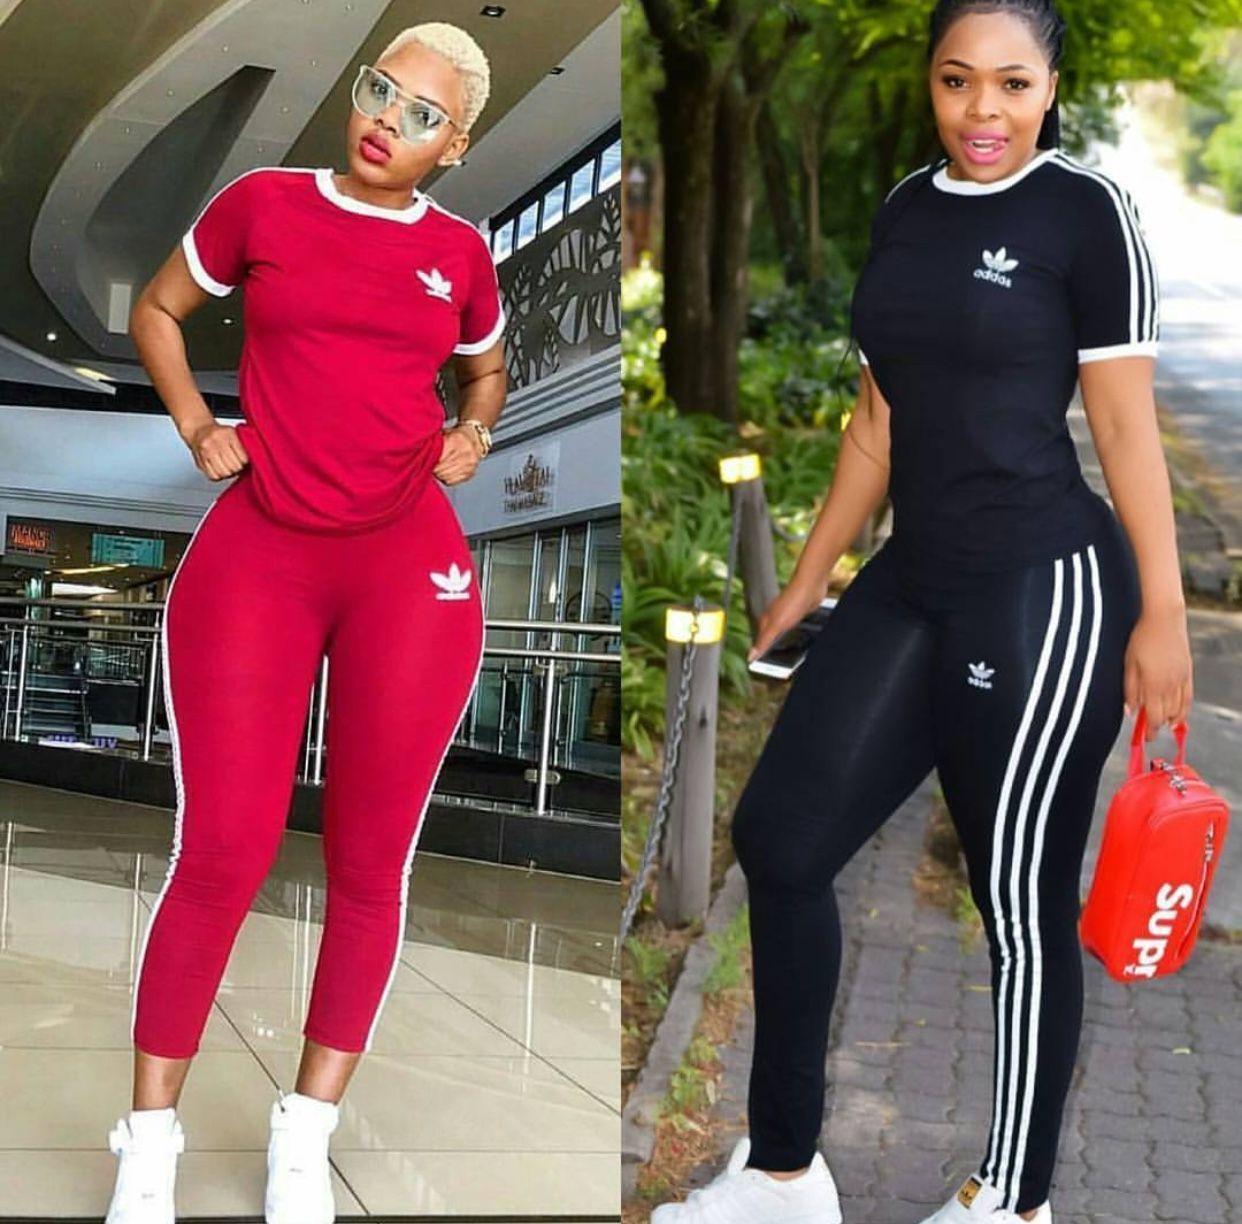 الجدد طباعة المرأة قصيرة الأكمام رياضية الصيف الأزياء تنفس بدلة رياضية مع السراويل الطويلة البلوز قمصان 2 قطع الإناث تشغيل اليوغا